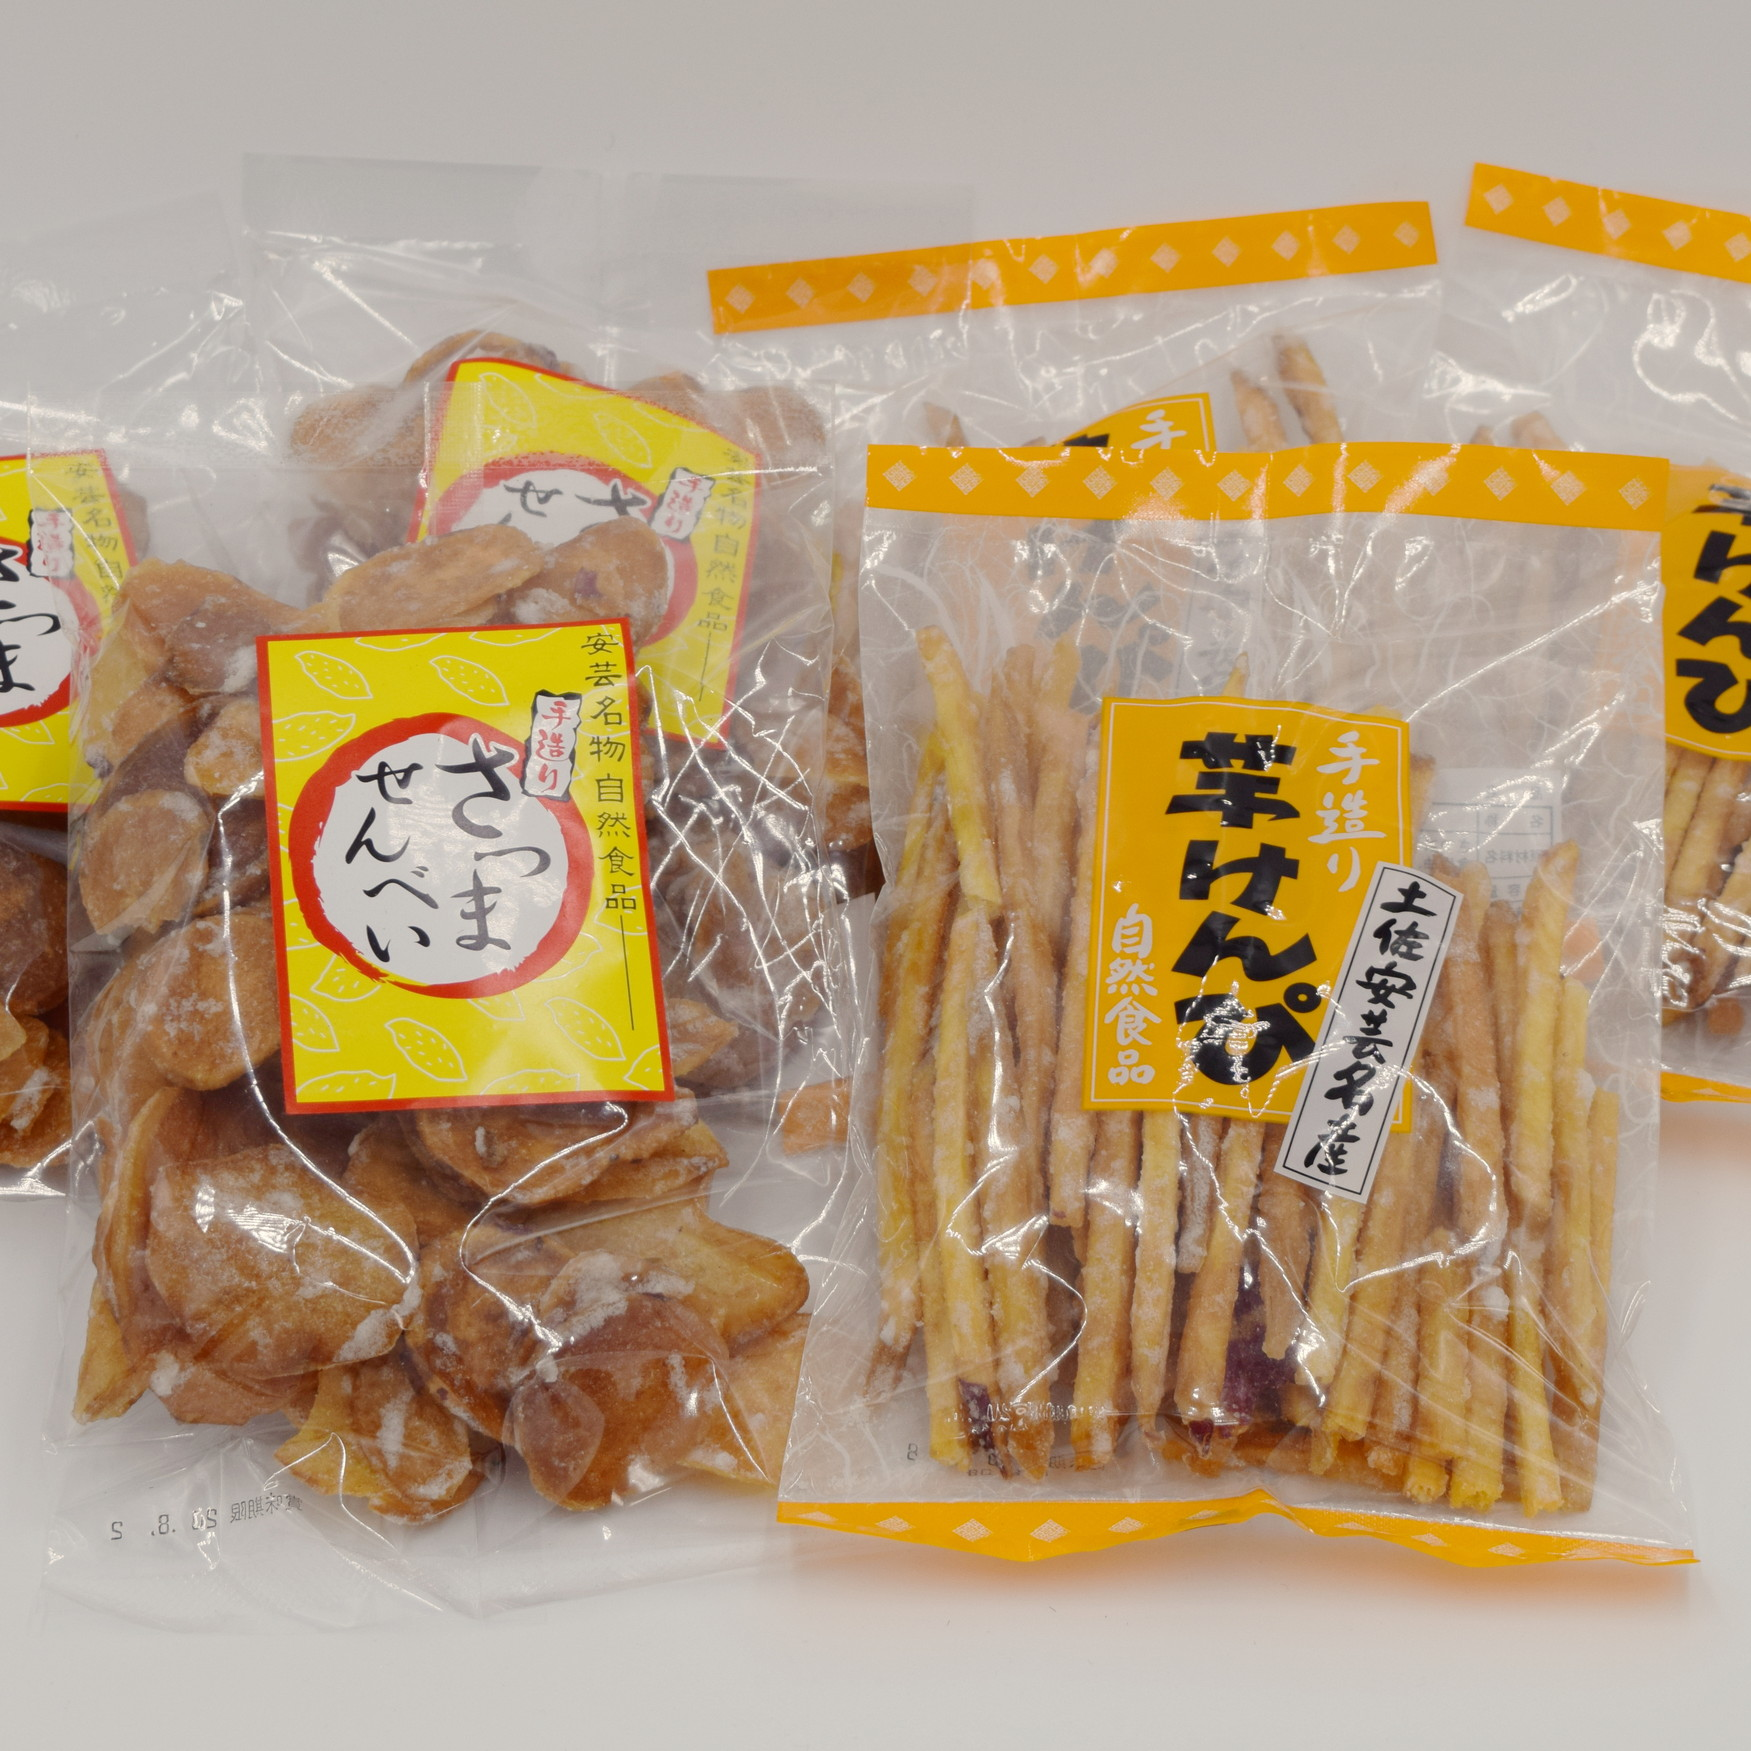 【寺尾製菓】芋けんぴ210g×3・さつませんべい200g×3